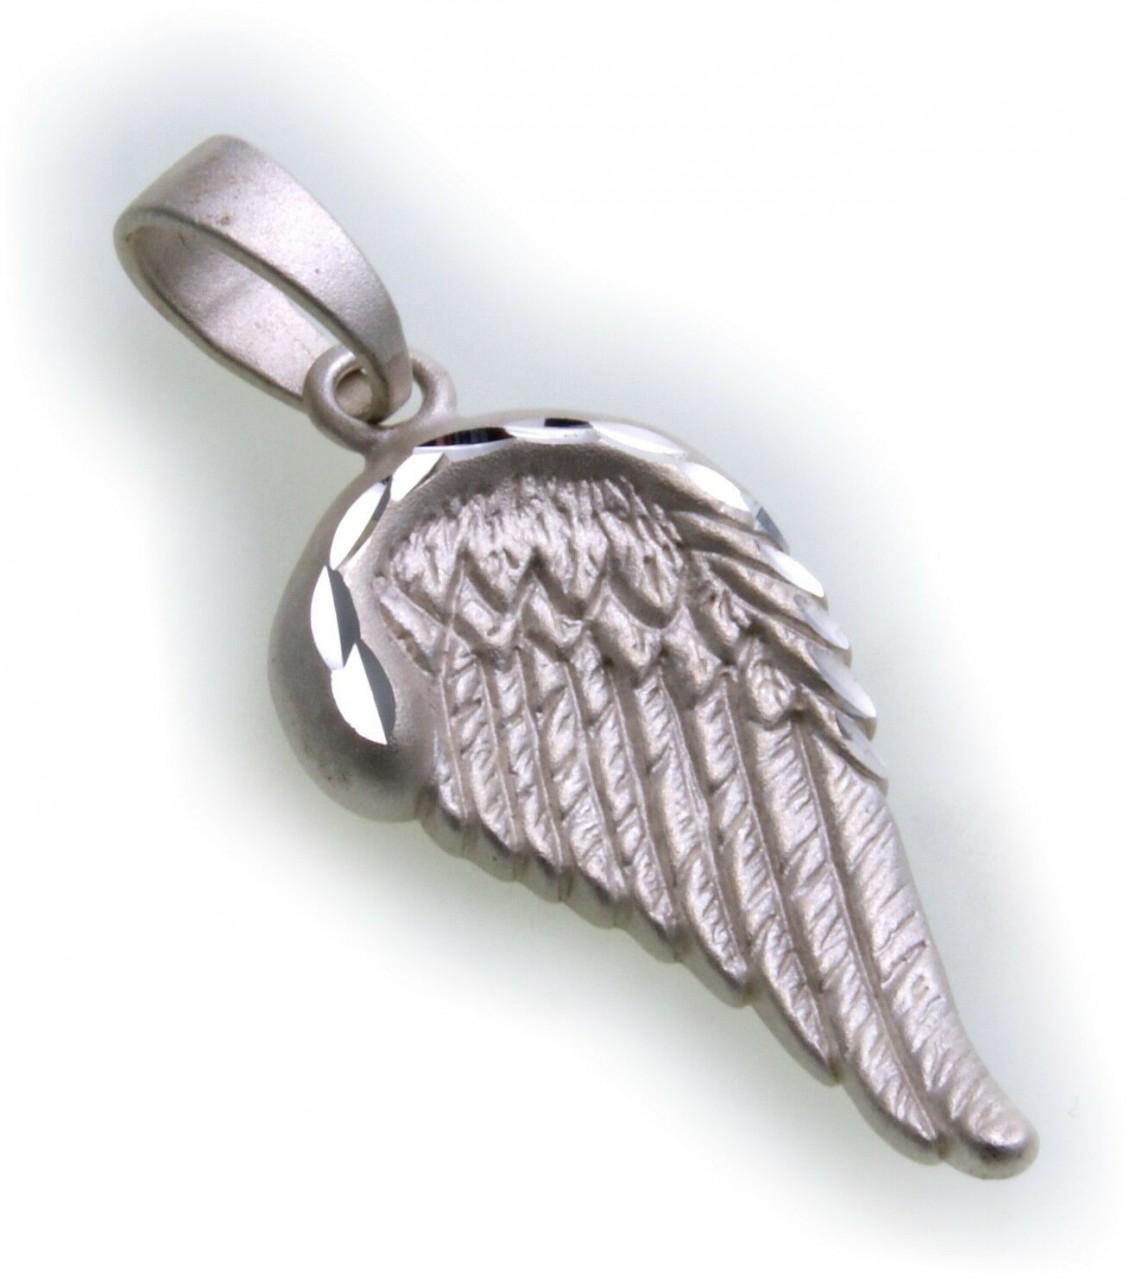 Anhänger Flügel groß Engel Silber 925 matt Engelsflügel Sterlingsilber Damen